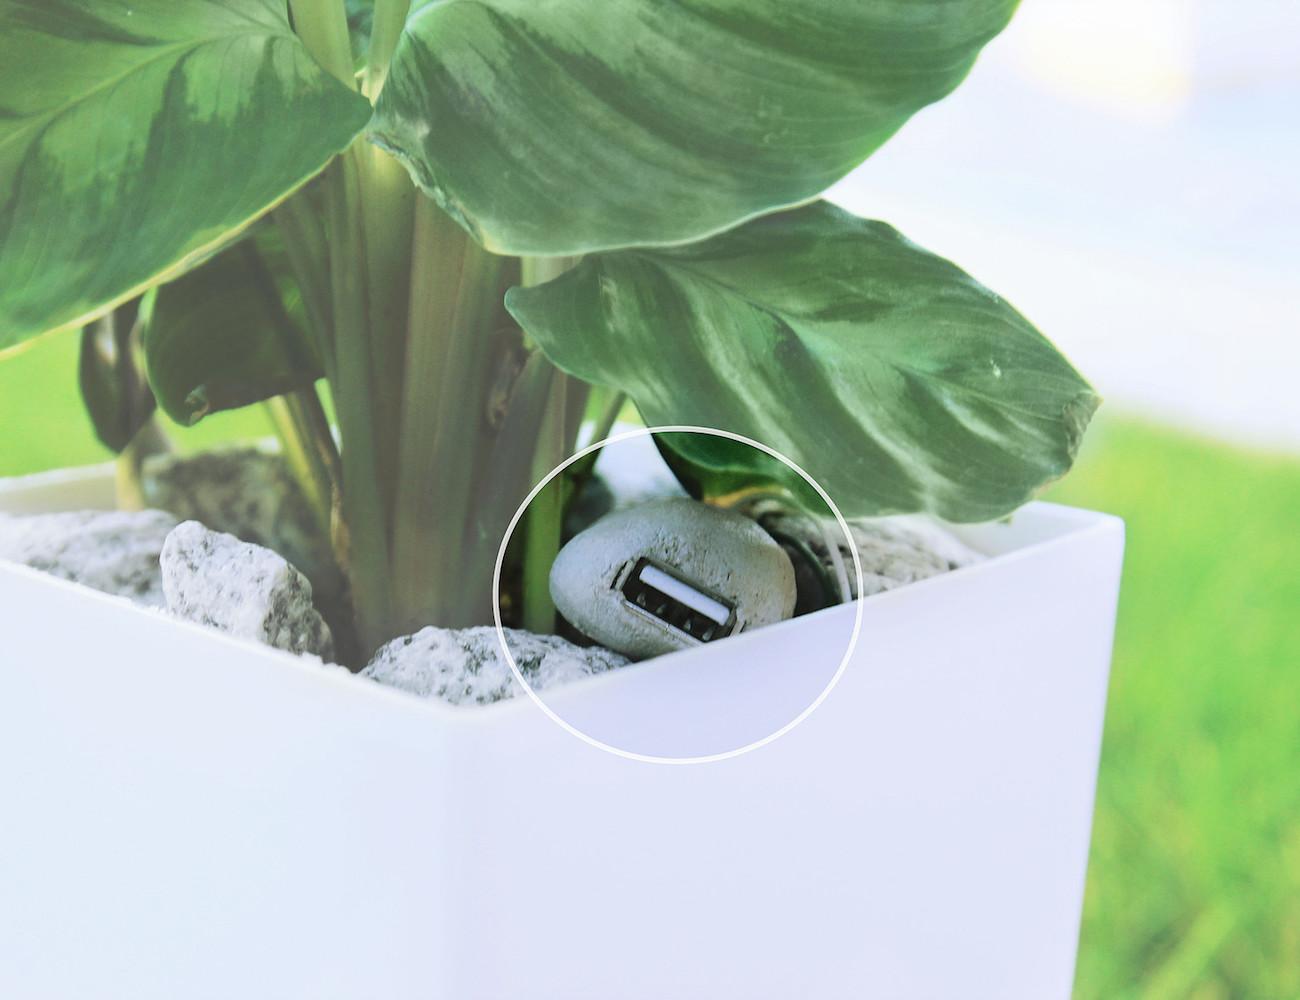 Bioo Lite Plant Pot Charger 187 Gadget Flow